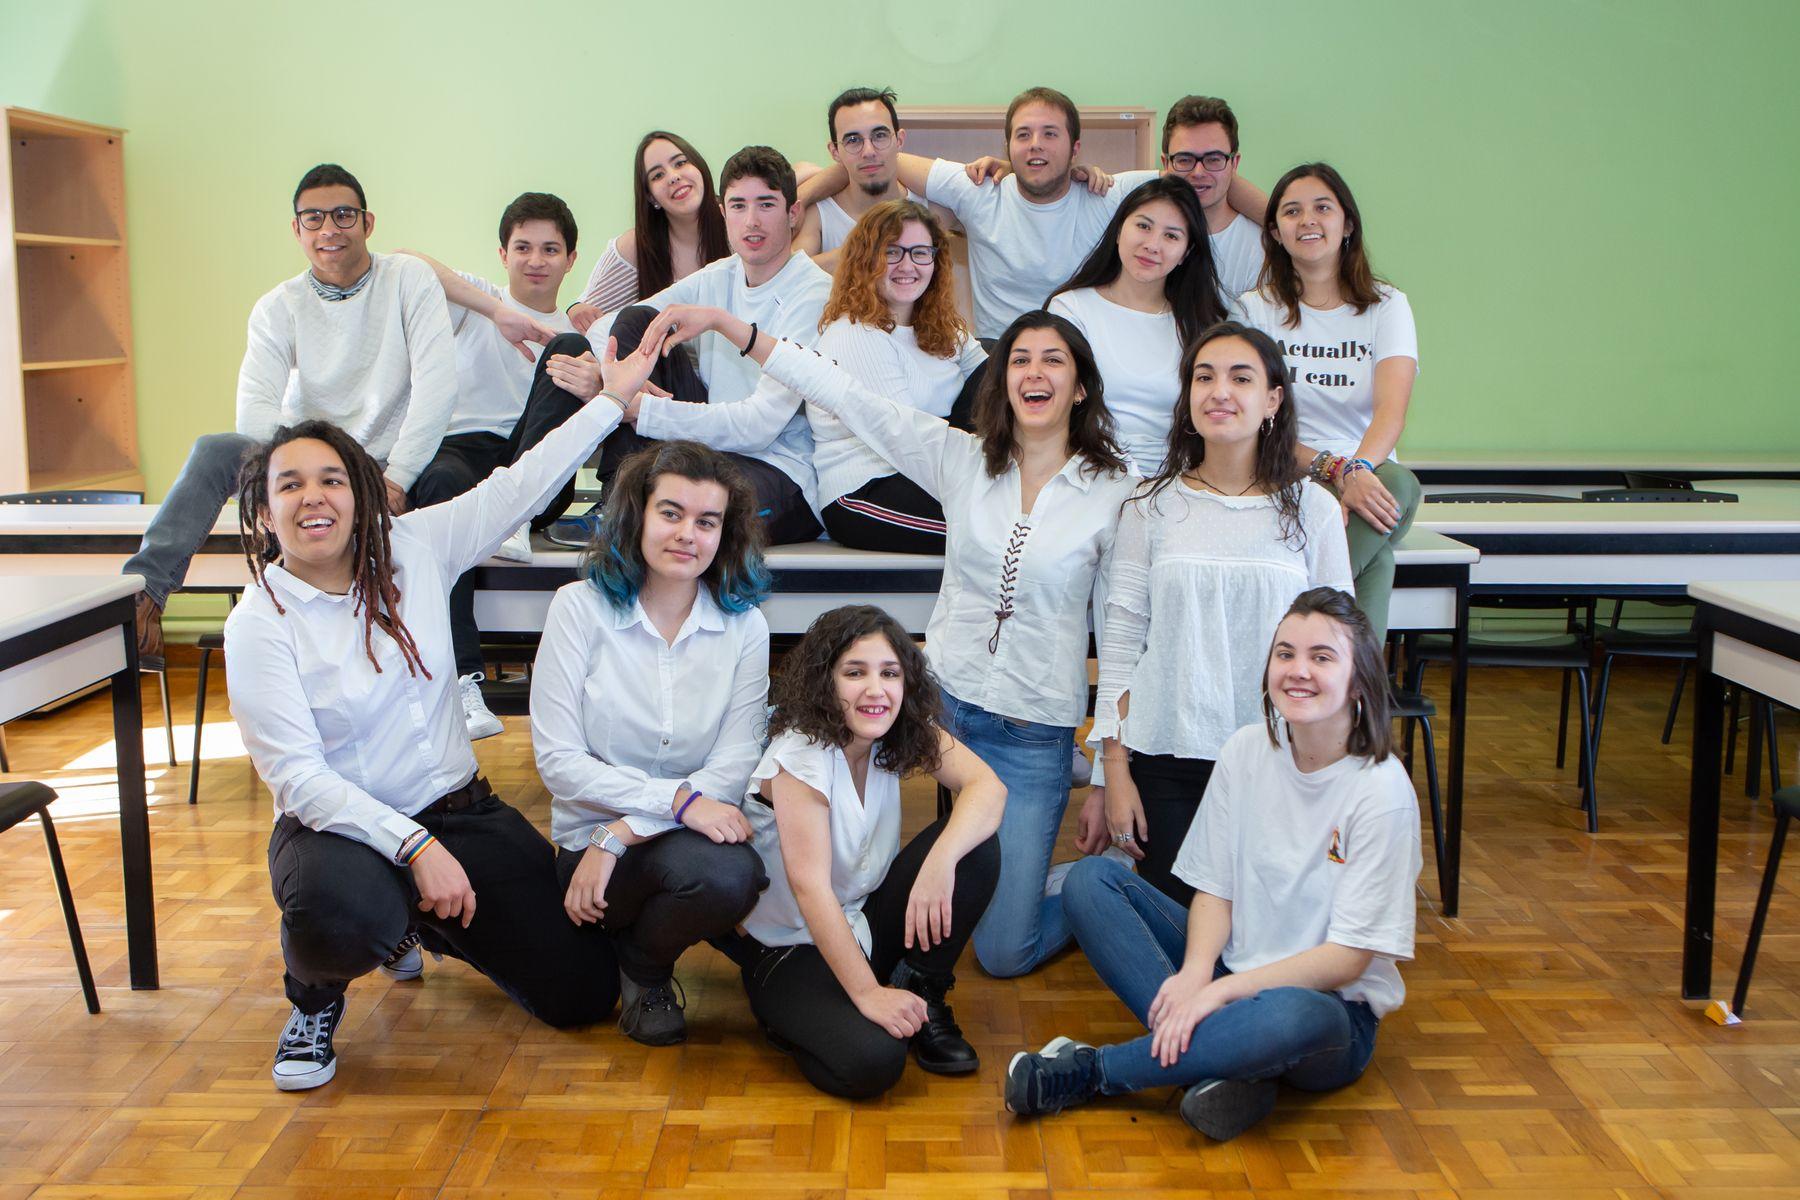 El Grupo de Teatro de la UPNA, durante un ensayo en el campus de Arrosadia.